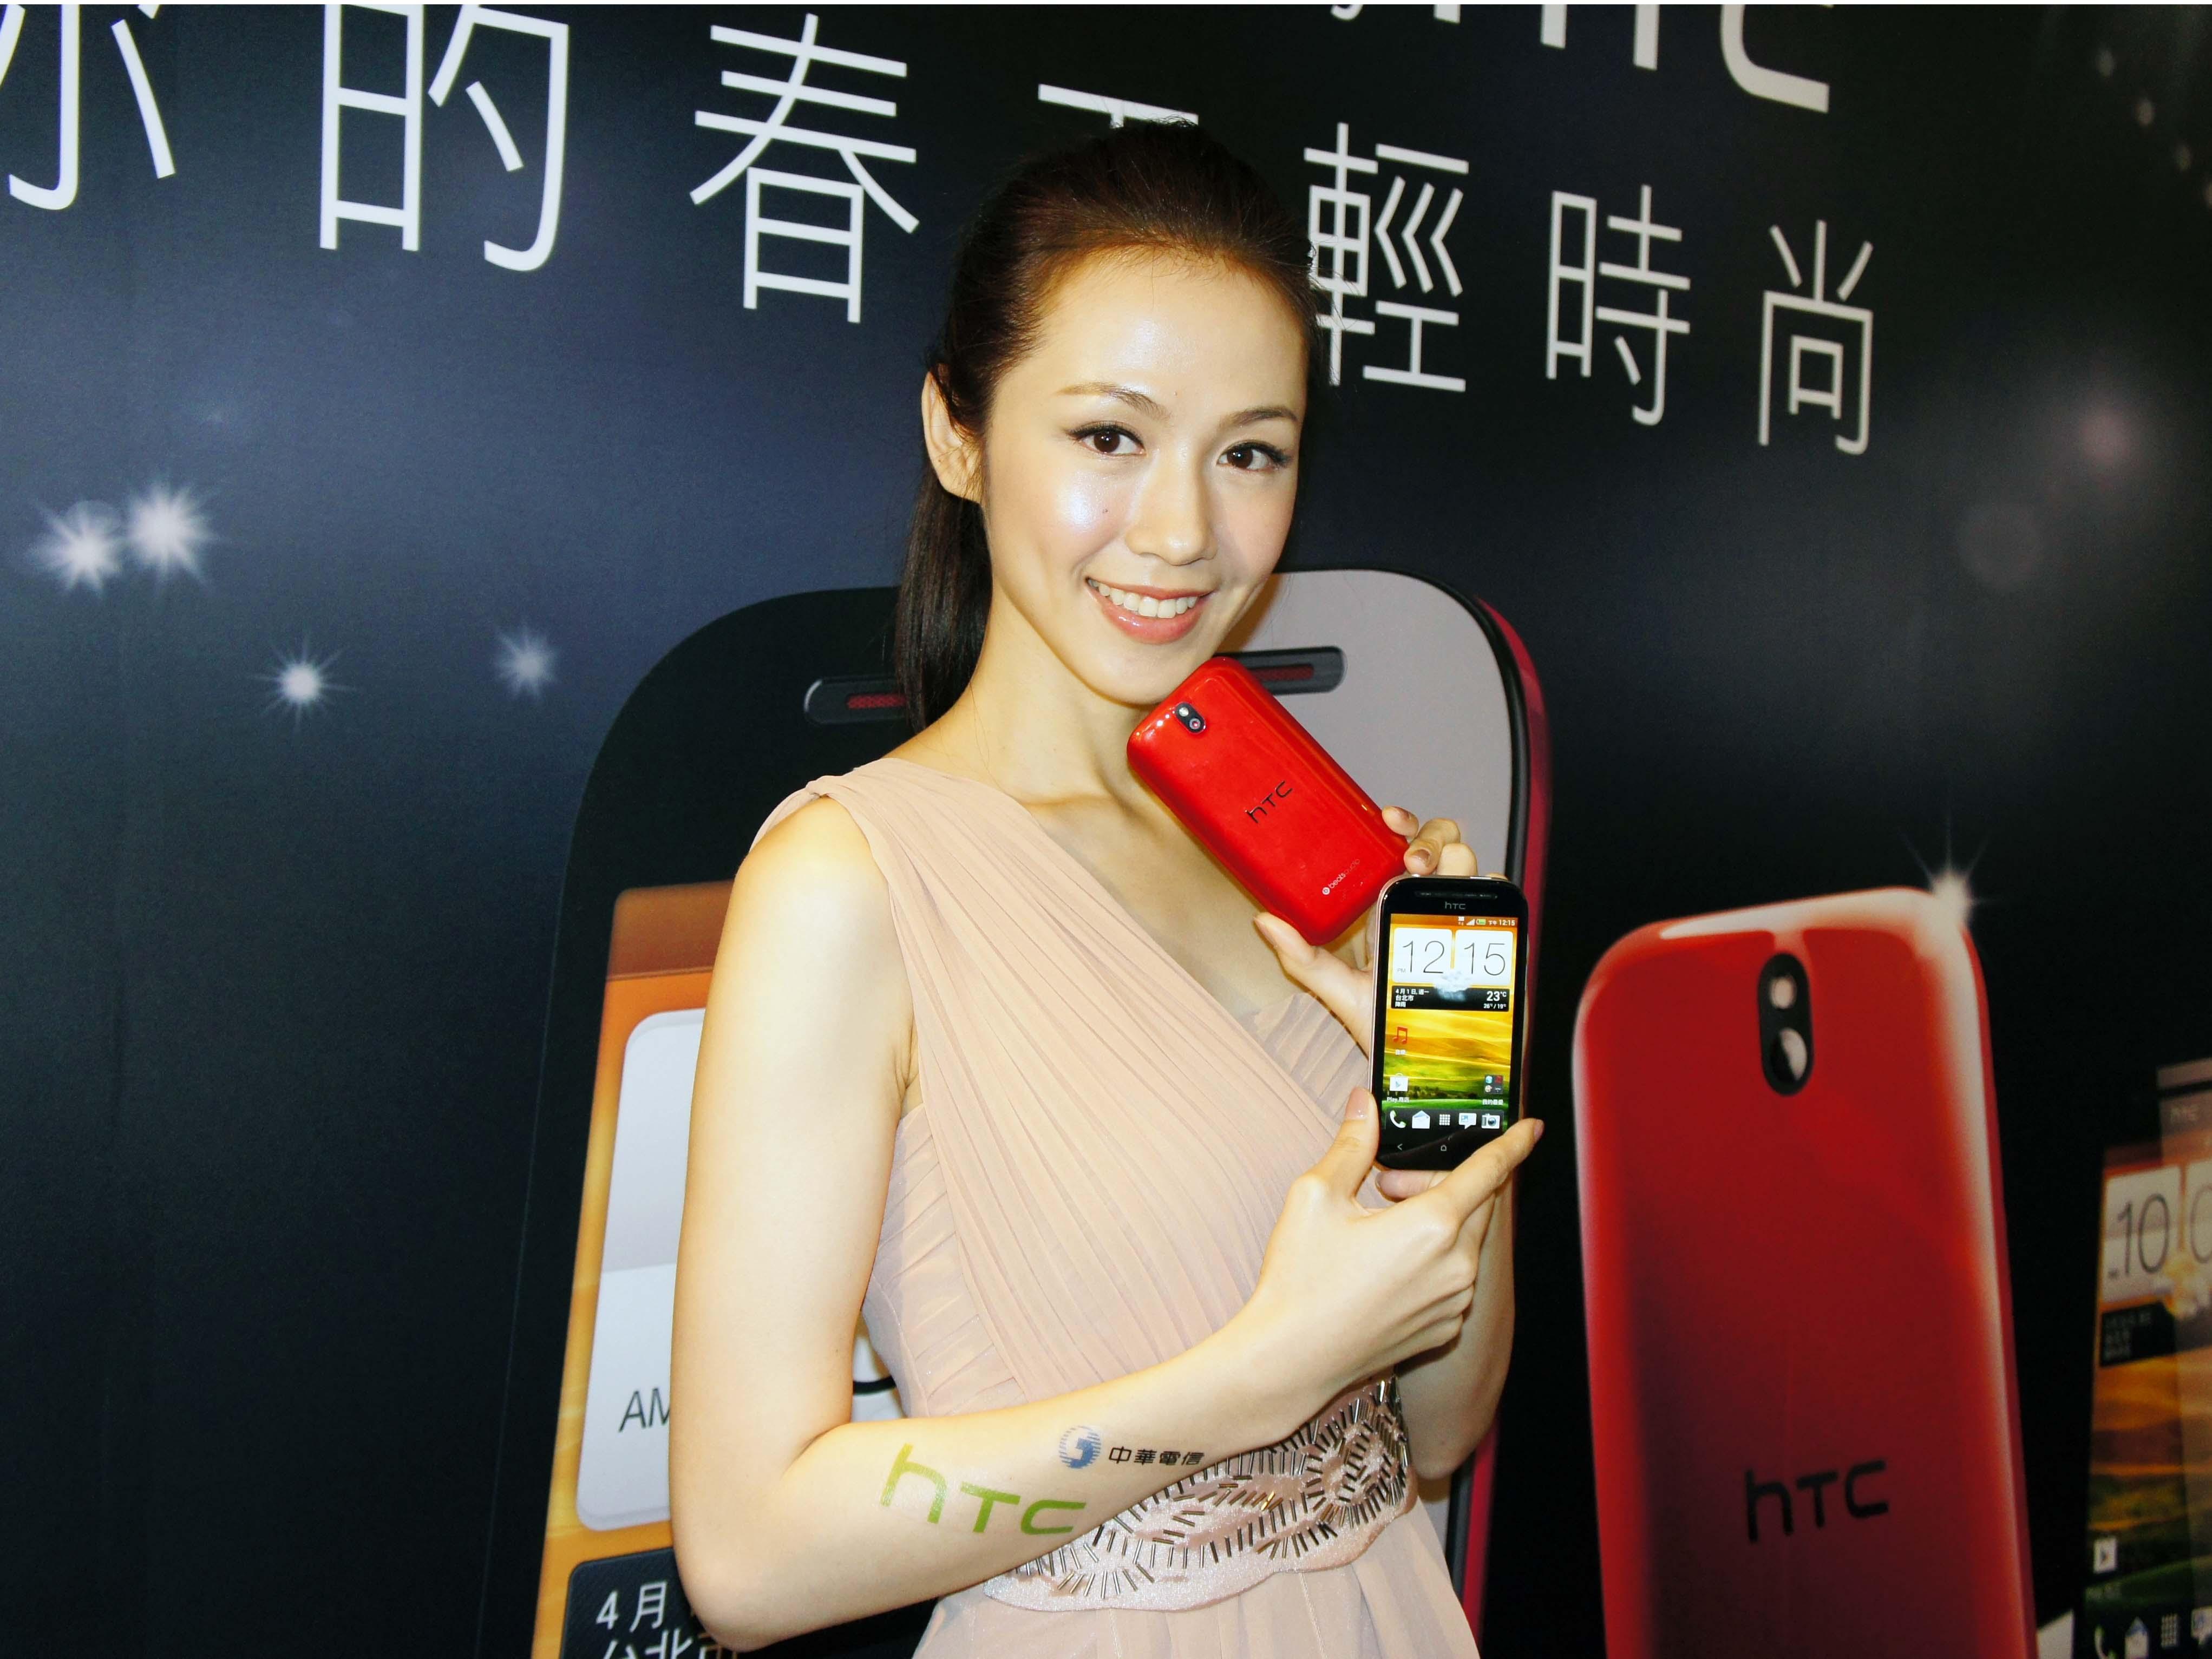 HTC 發表中階款 Desire P 鳳蝶機,激似蝴蝶機背蓋、中華獨賣專案1,990 元